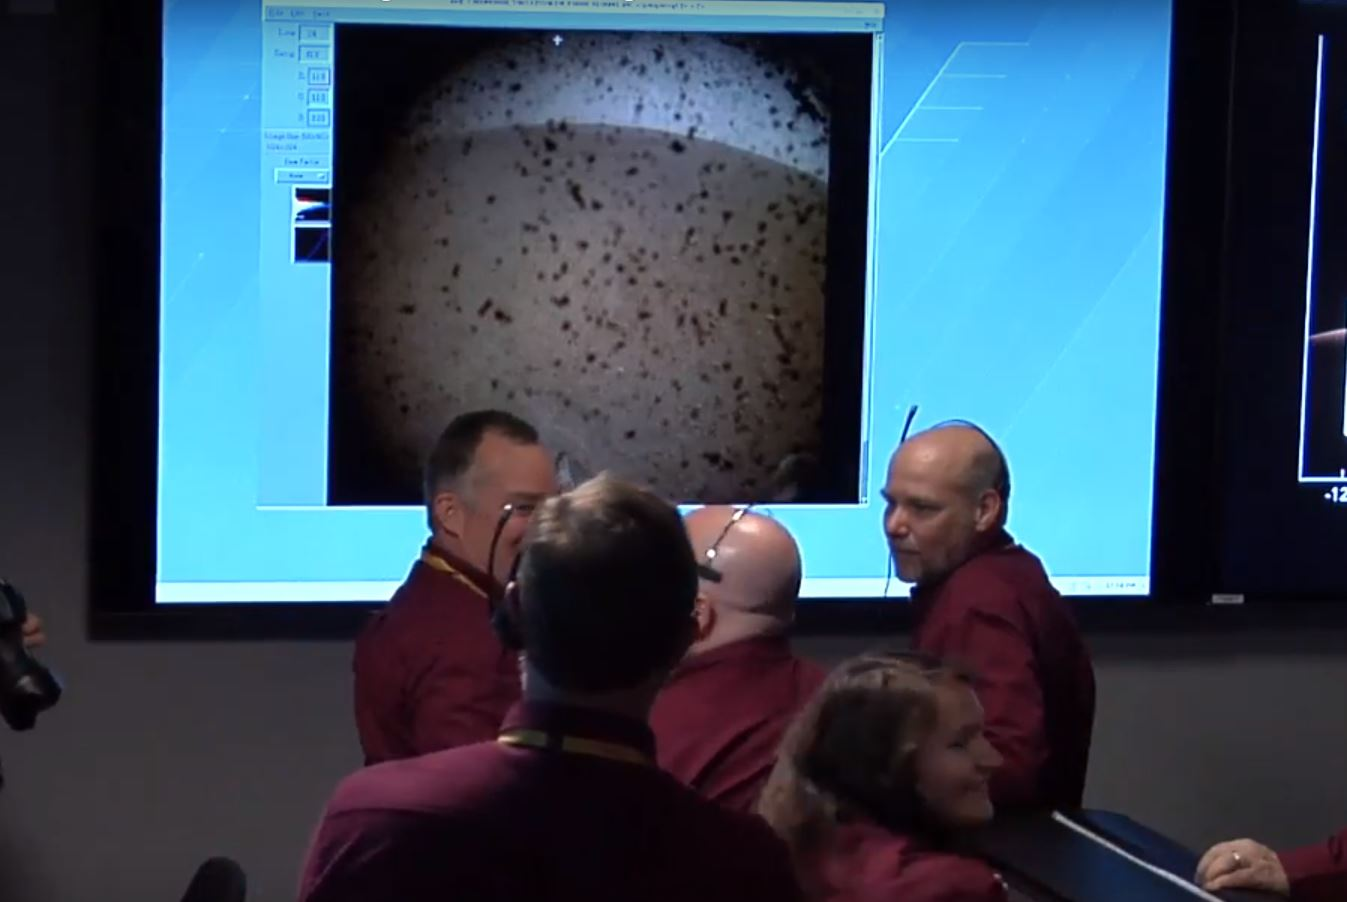 Esta es la primera imagen que Insight envía a la Tierra, ¡desde Marte!